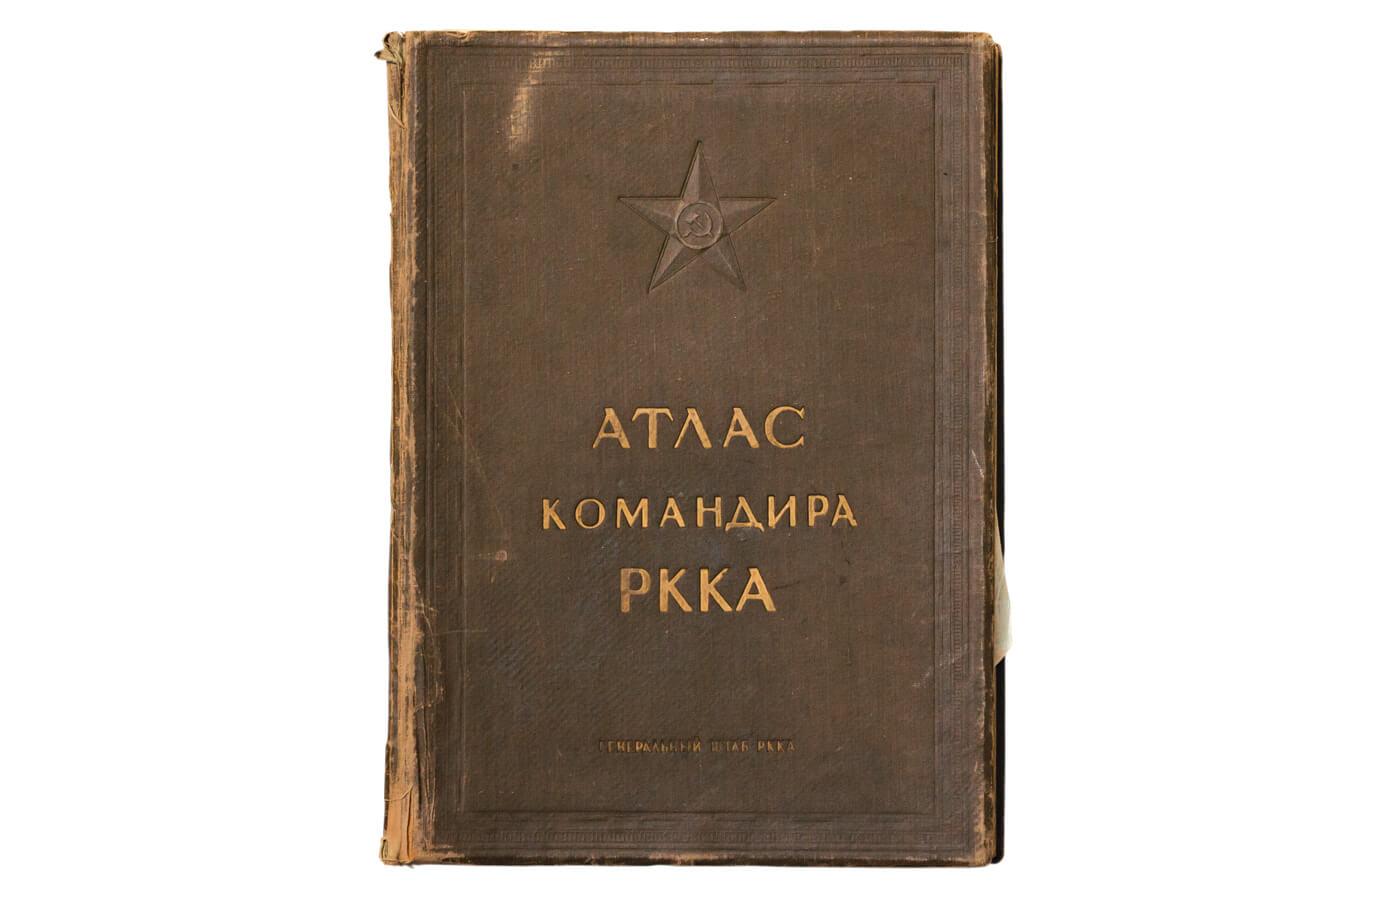 Atlas d'un Major du P.K.K.A